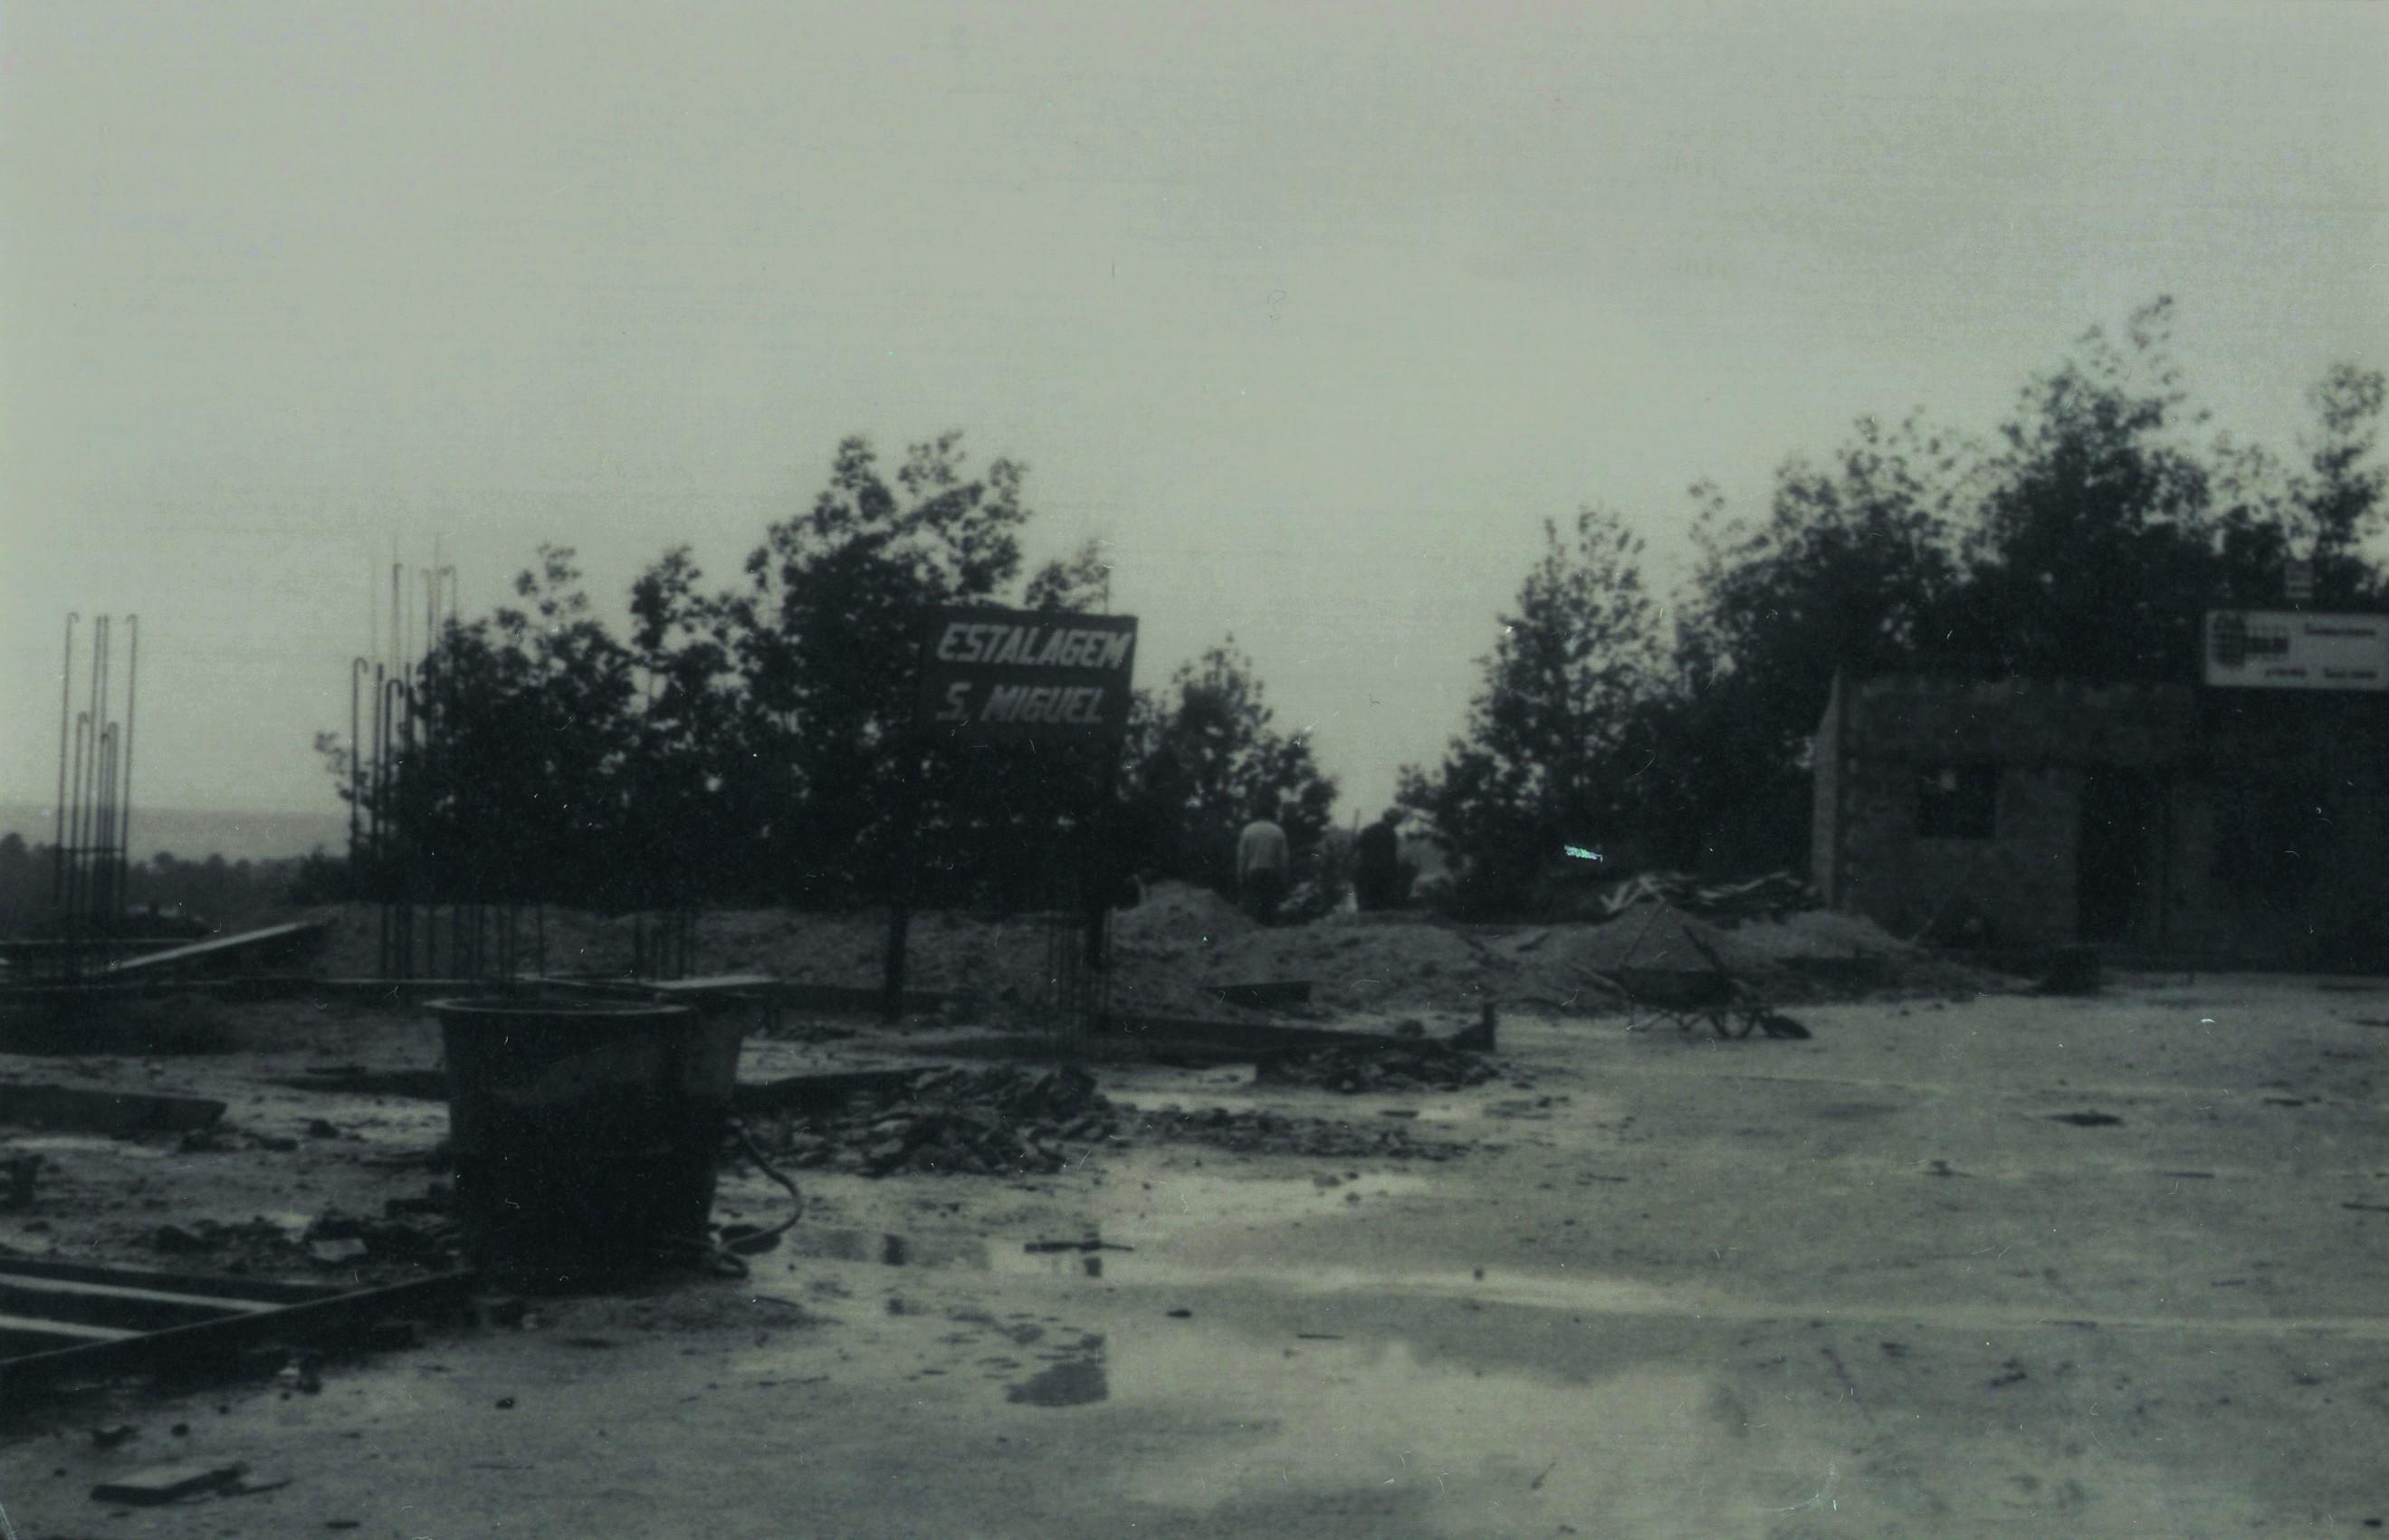 Início da construção da estalagem S. Miguel (1972)